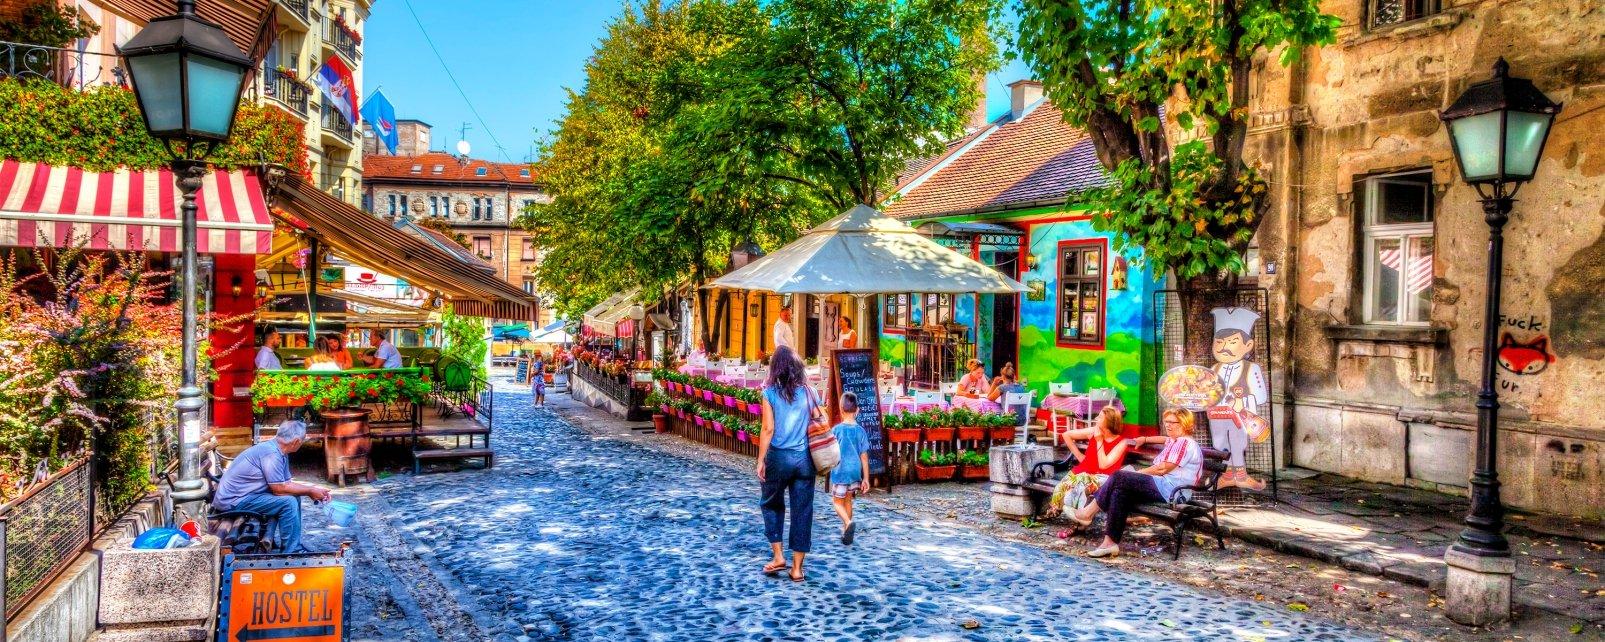 Le quartier Bohème, I monumenti e le passeggiate, Serbia